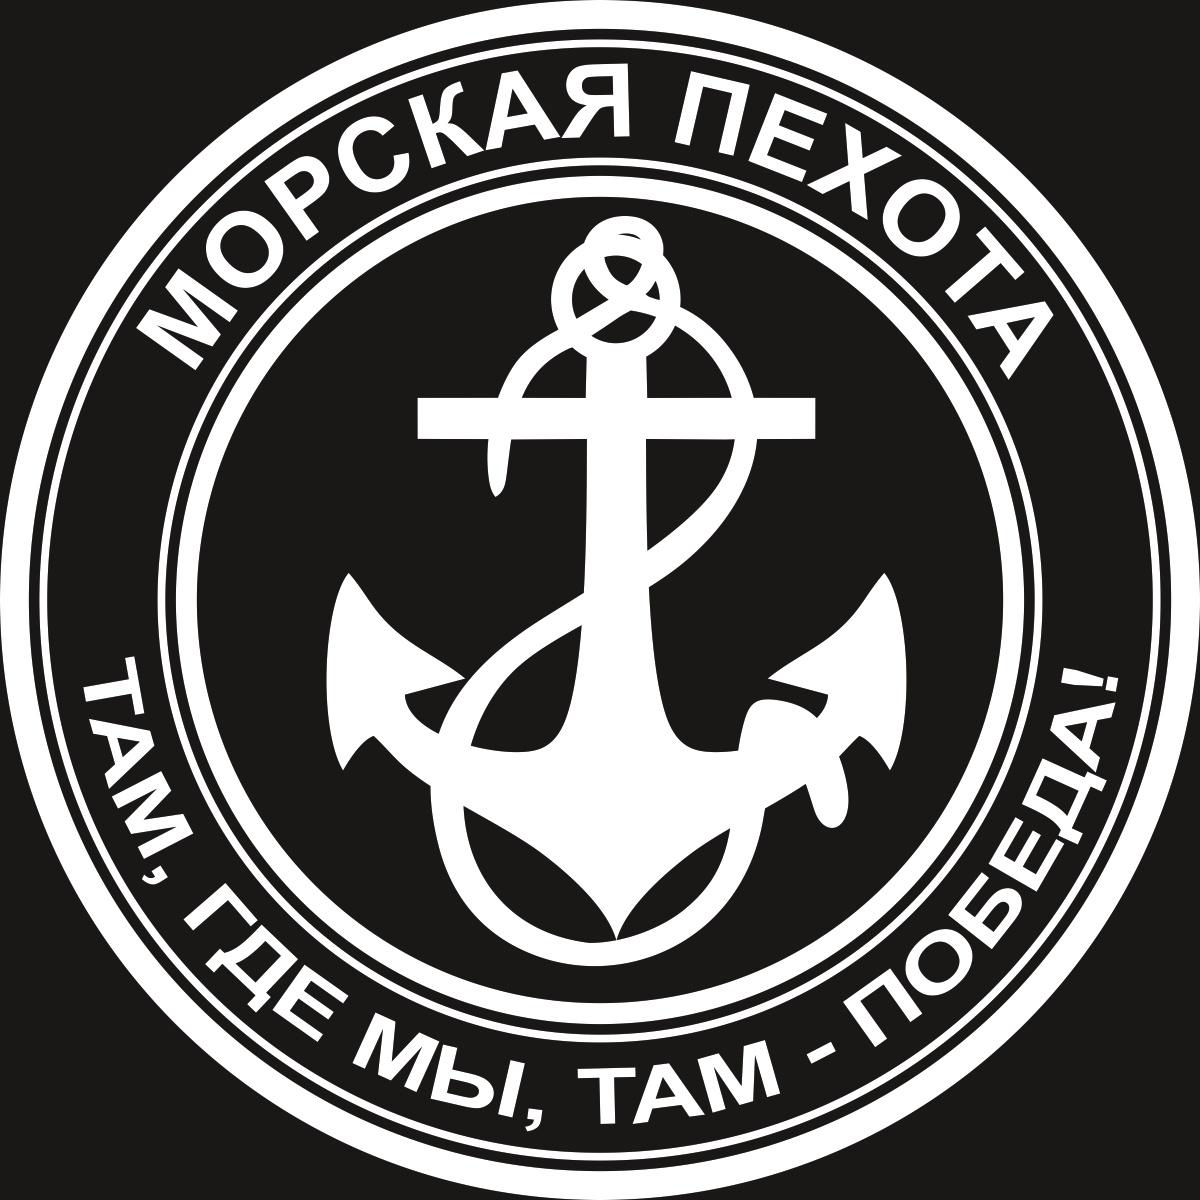 Фото - Наклейка ОранжевыйСлоник виниловая Морская пехота для авто или интерьера, Винил авто